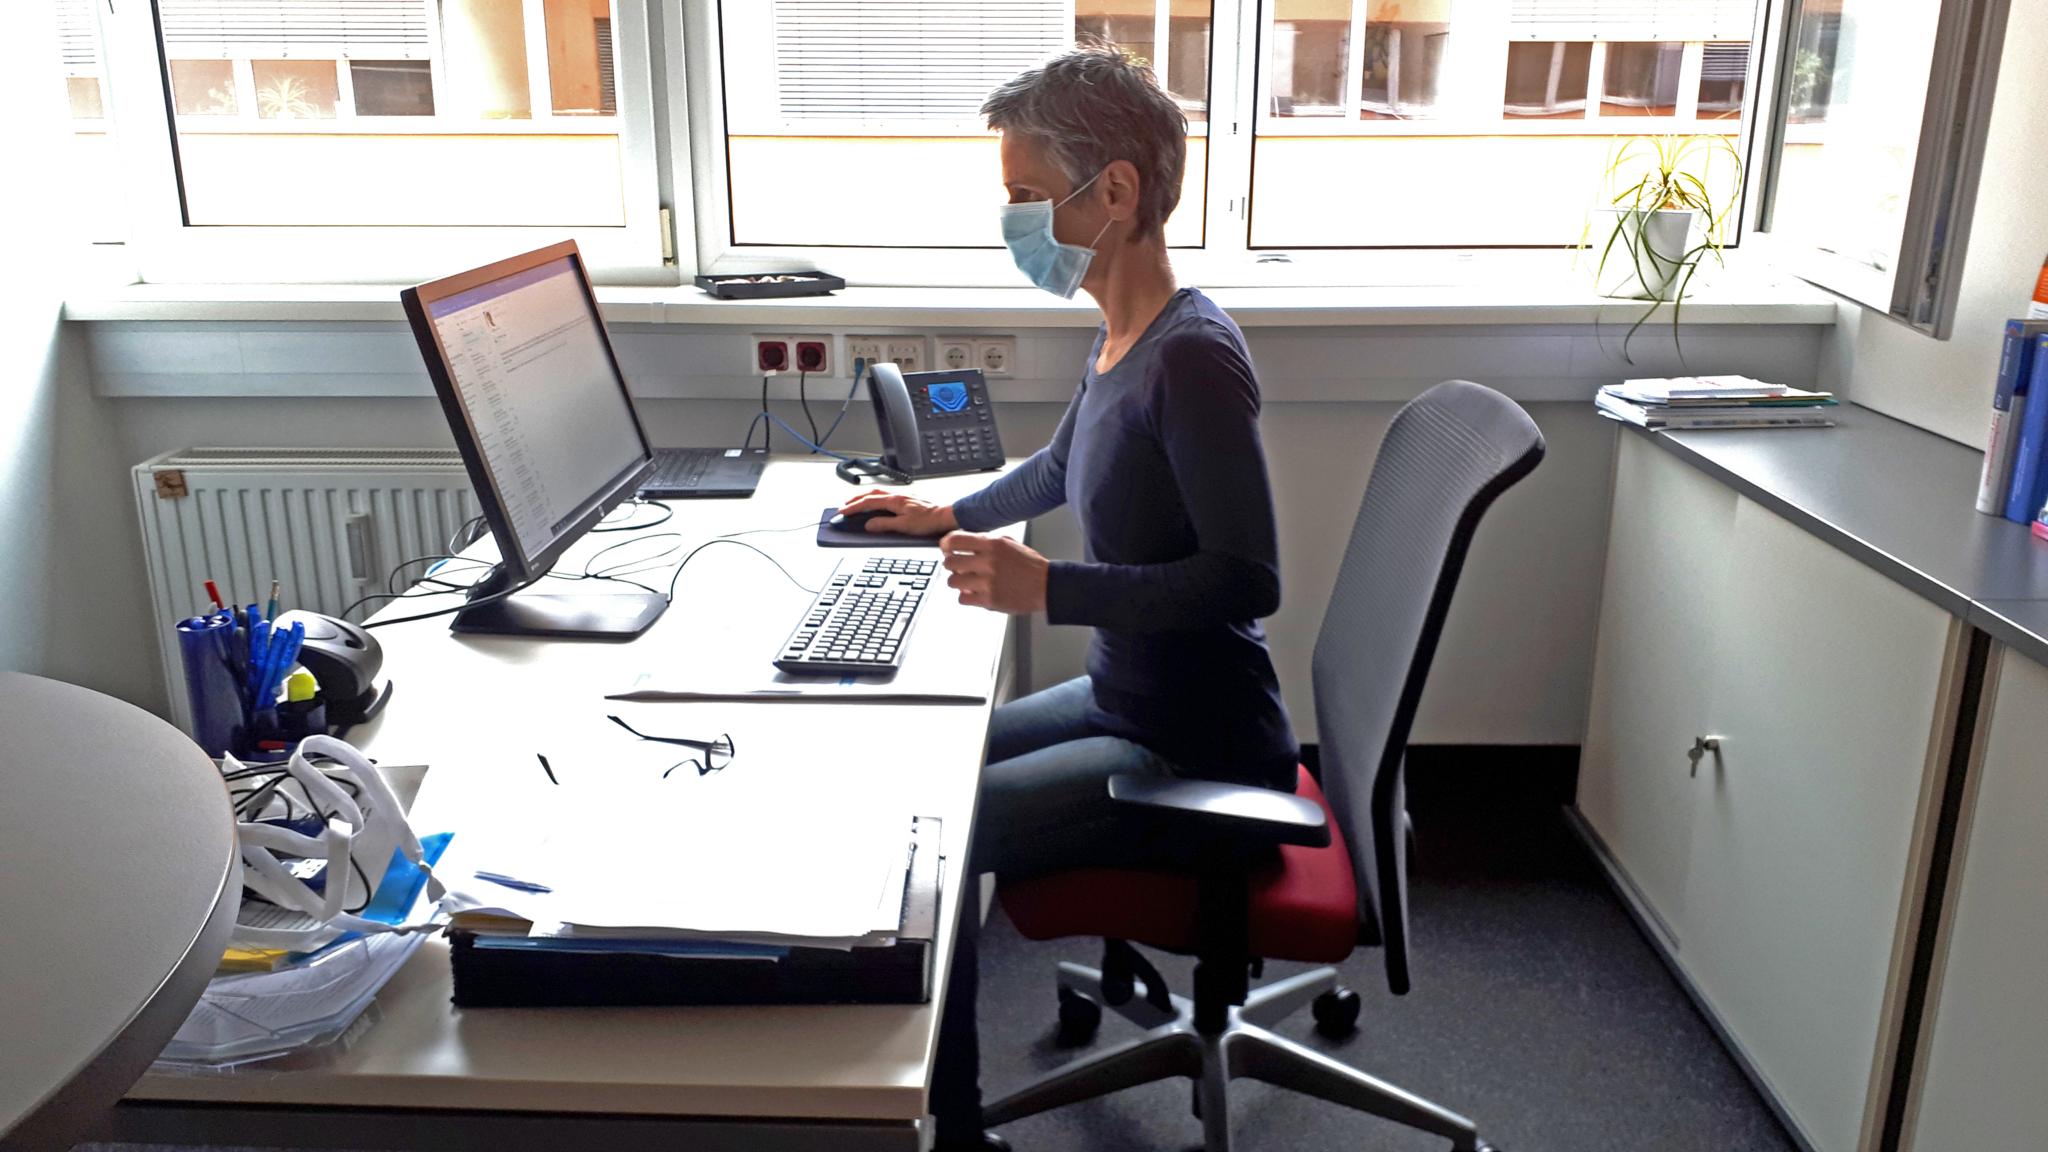 der ergonomisch ausgerichtete Büroarbeitsplatz von Sylvia Öhlinger, der auch für Desk Sharing geeignet ist (Fotocredit: Sylvia Öhlinger, Foto aus 2020 - noch keine FFP2 Maskenpflicht)